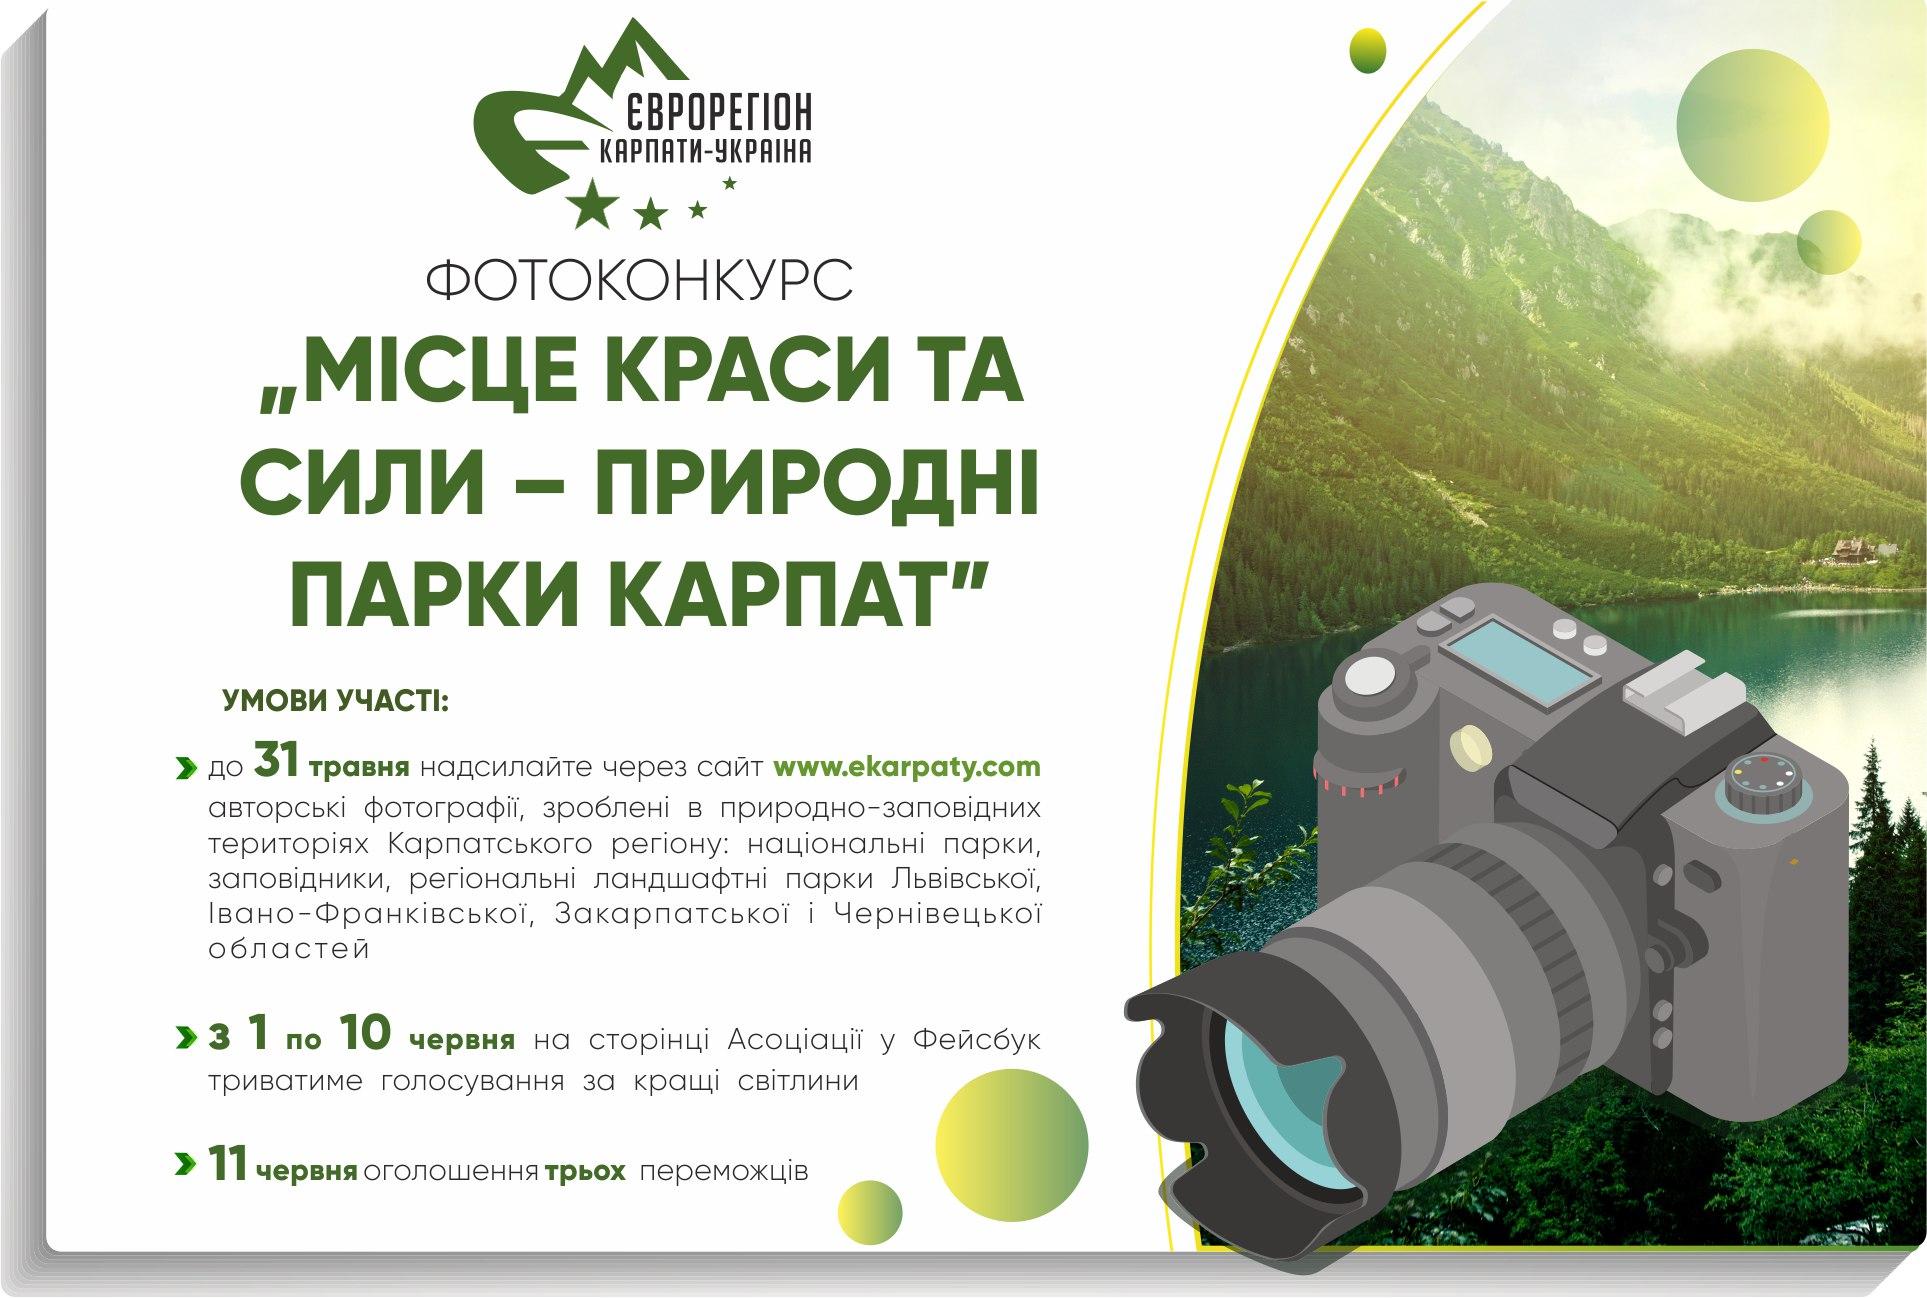 Фотоконкурс: місце краси та сили – природні парки Карпат